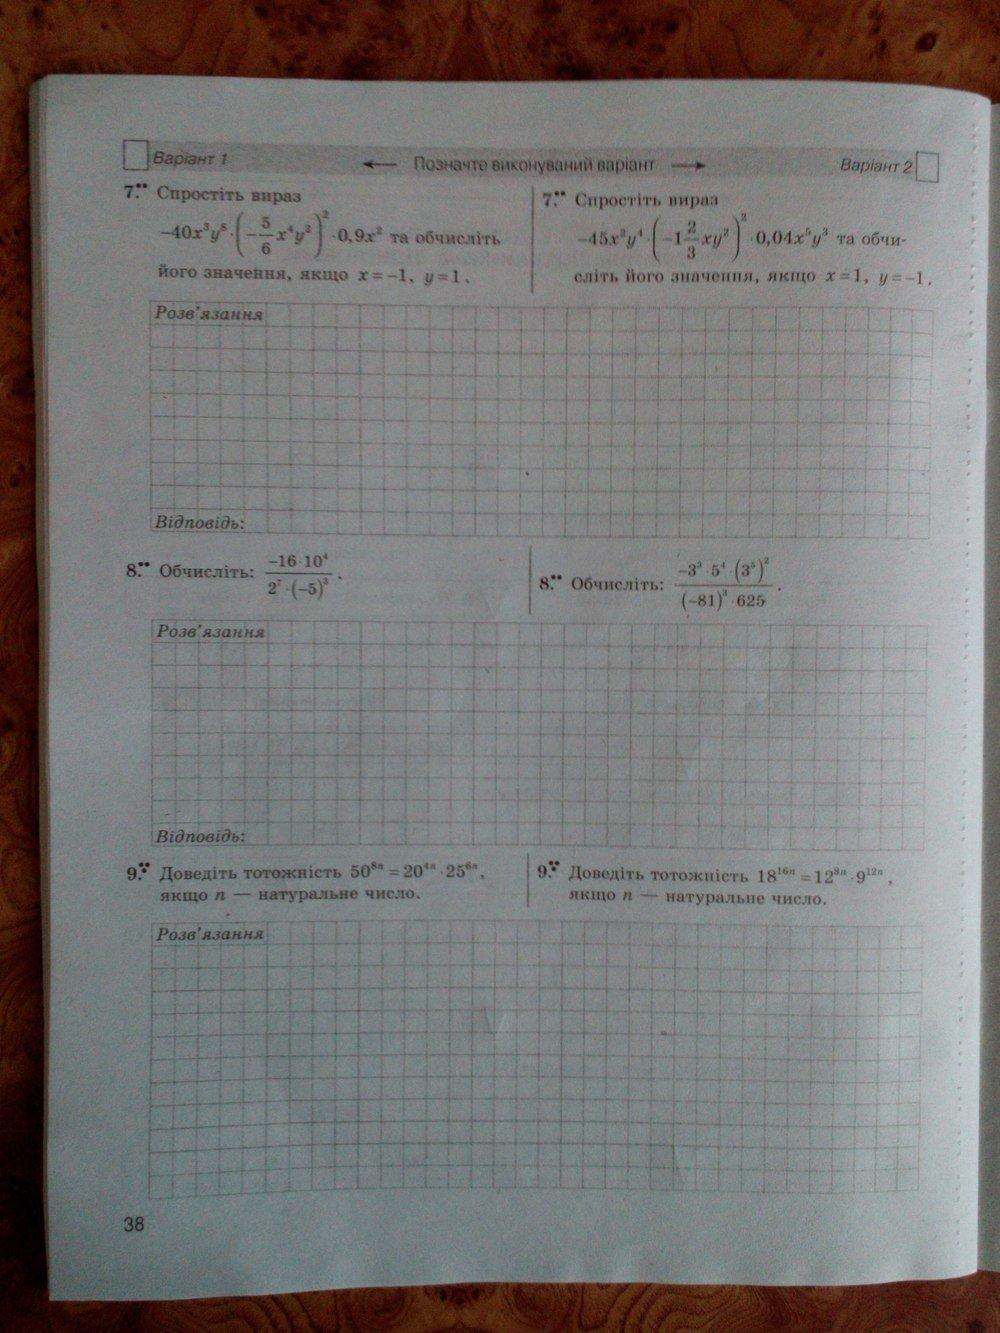 ГДЗ відповіді робочий зошит по алгебре 7 класс Стадник Л.Г., Роганін О.М.. Задание: стр. 38